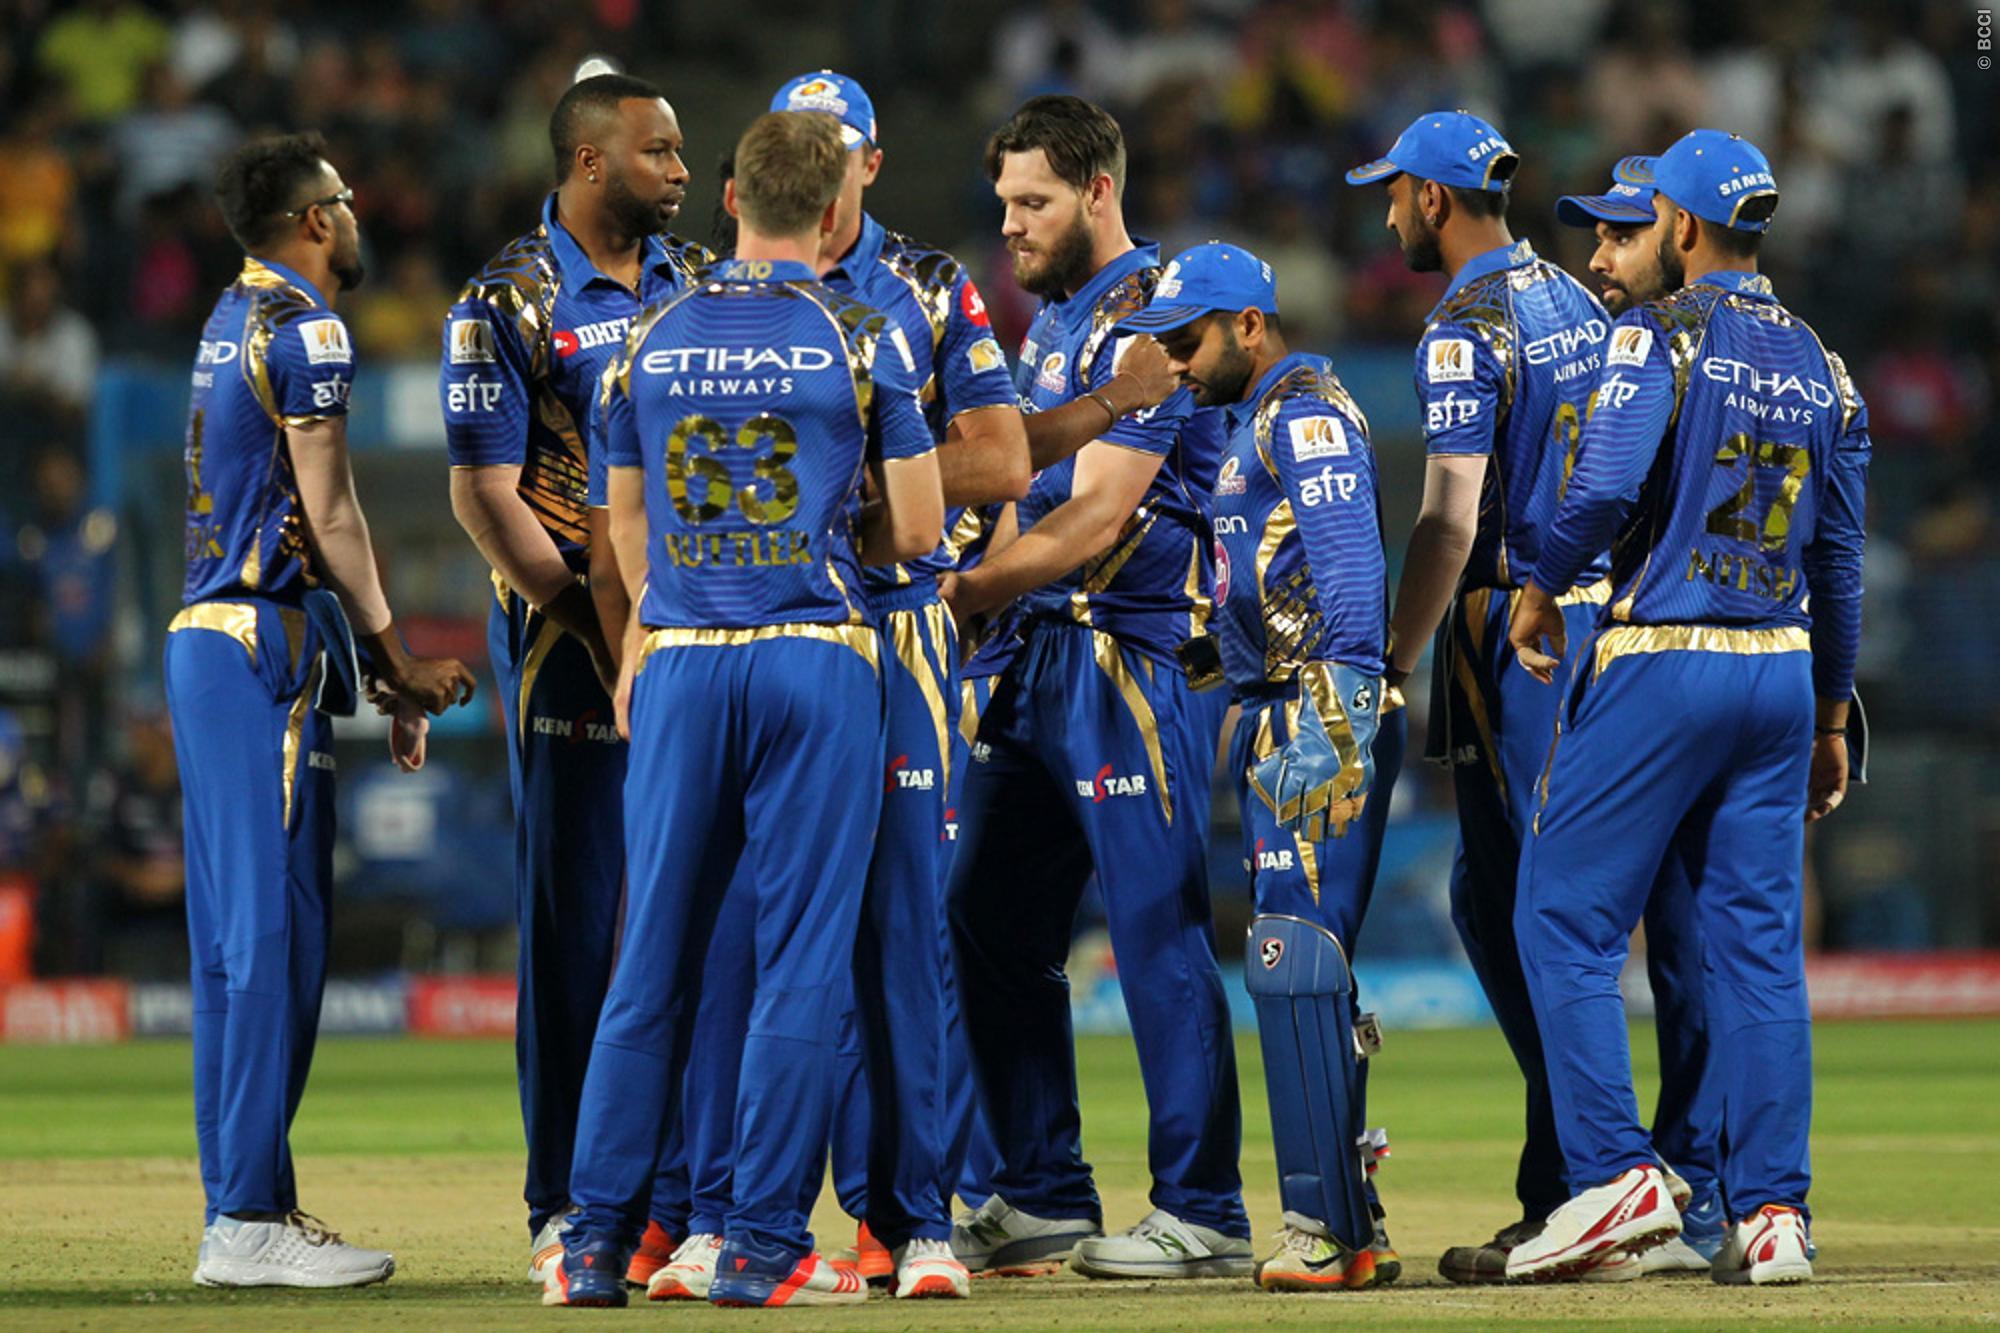 मुंबई इंडियंस इस टीम के साथ जारी रखना चाहेगी अपना विजय रथ, दिग्गज खिलाड़ी कर रहा है वापसी 3